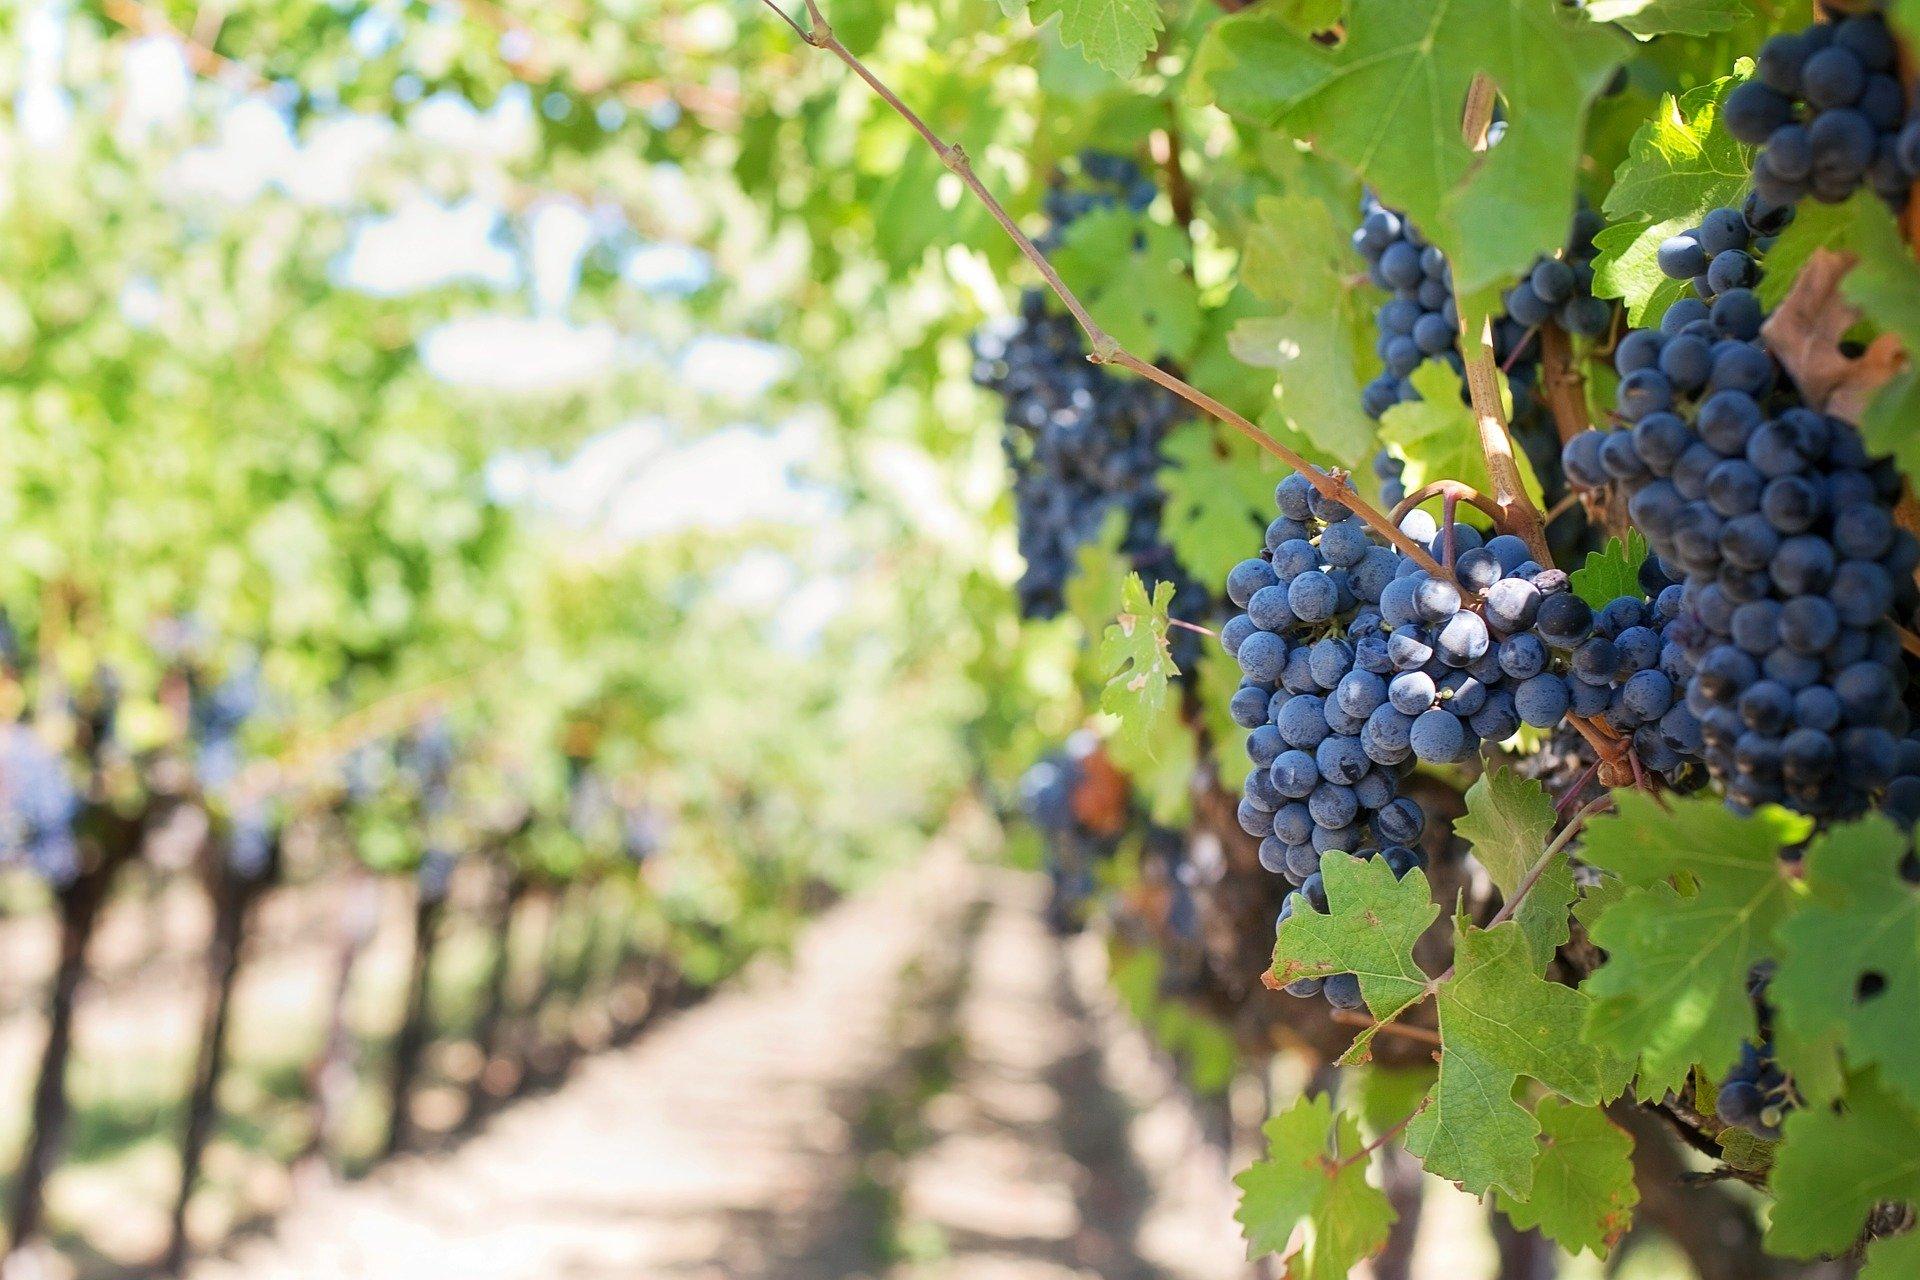 De wijnstok en vruchten - Kees van Velzen